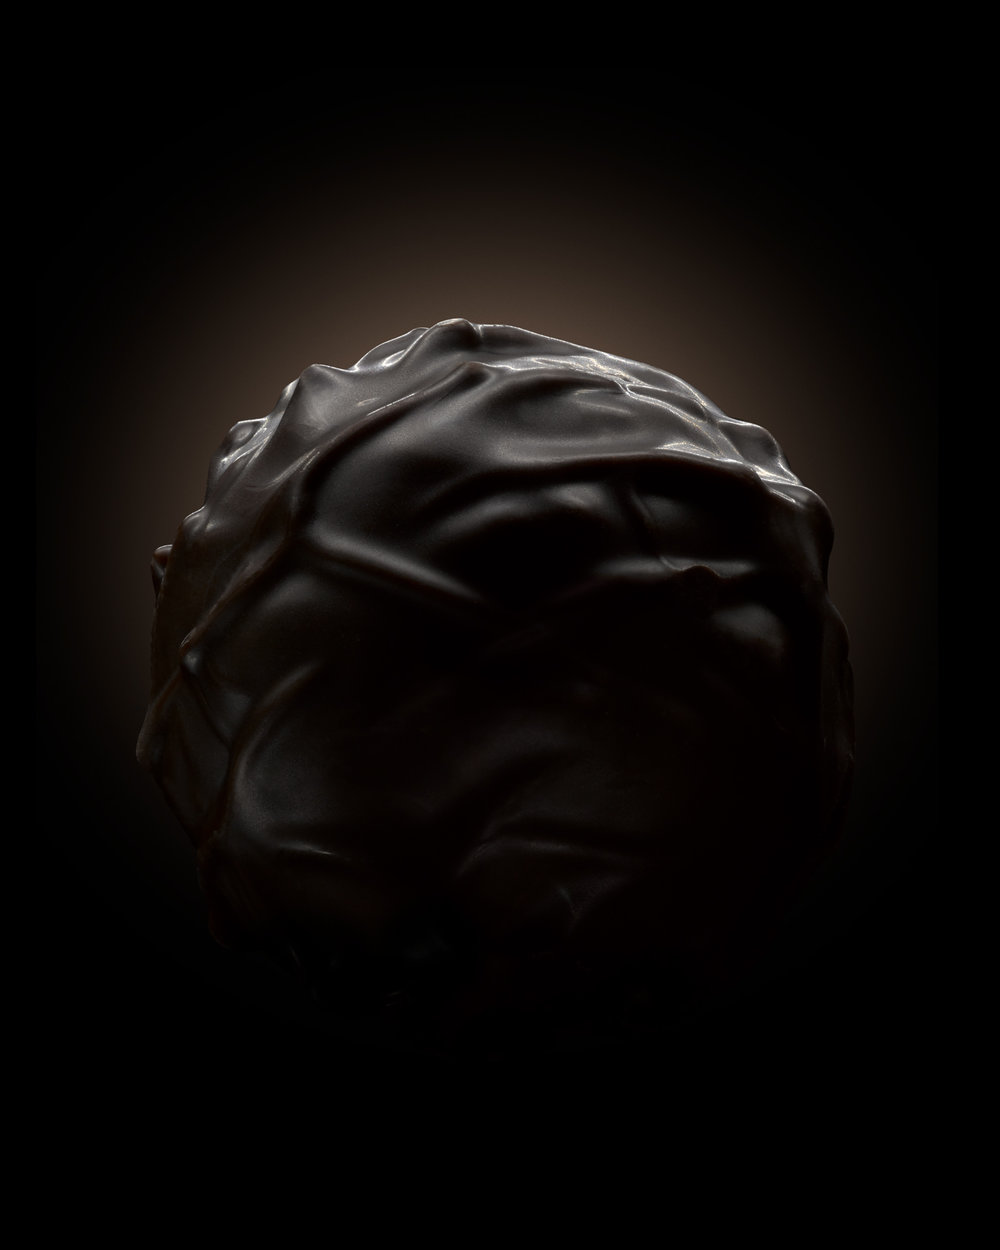 truffe_noire_web.jpg